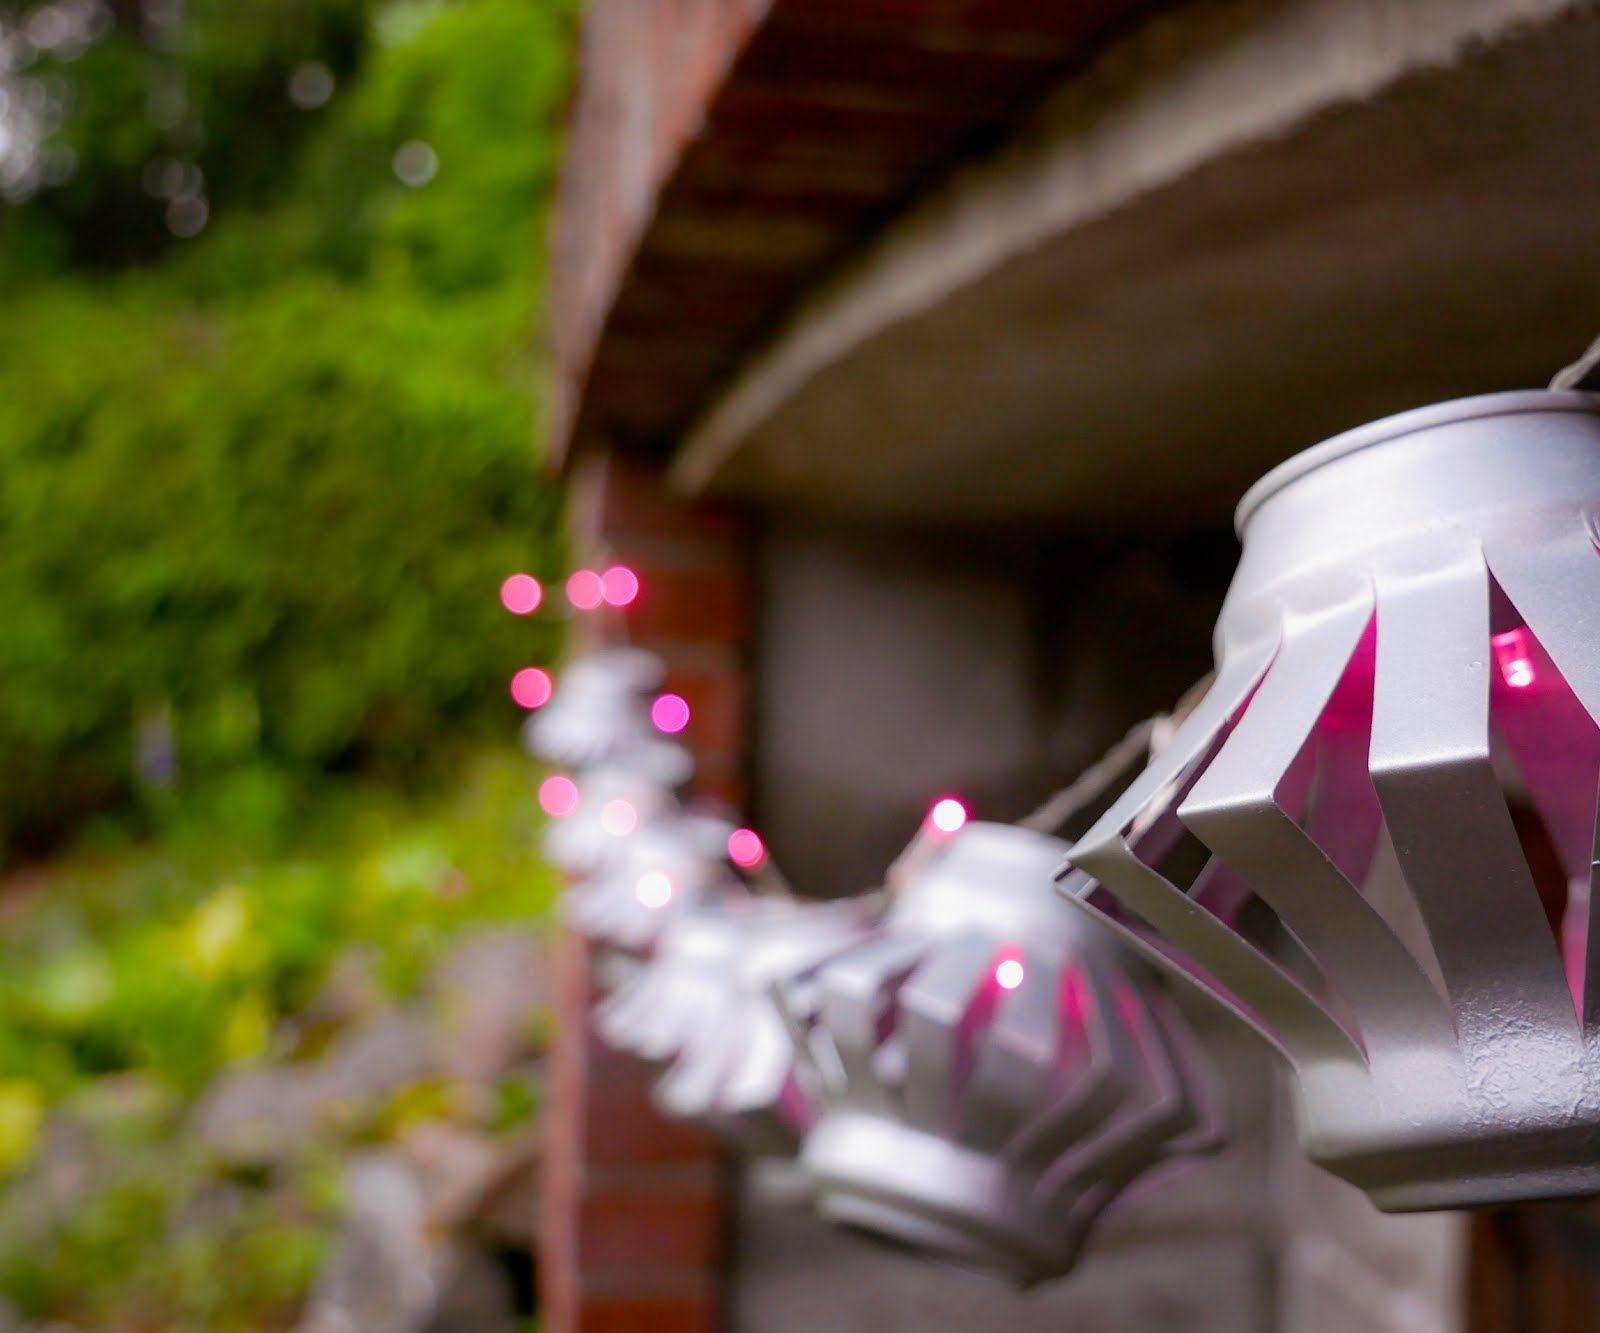 Puutarhalyhdyt kierrättäen. Garden lanterns. #garden #lanterns #puutarha #kierrätys #outdoorliving